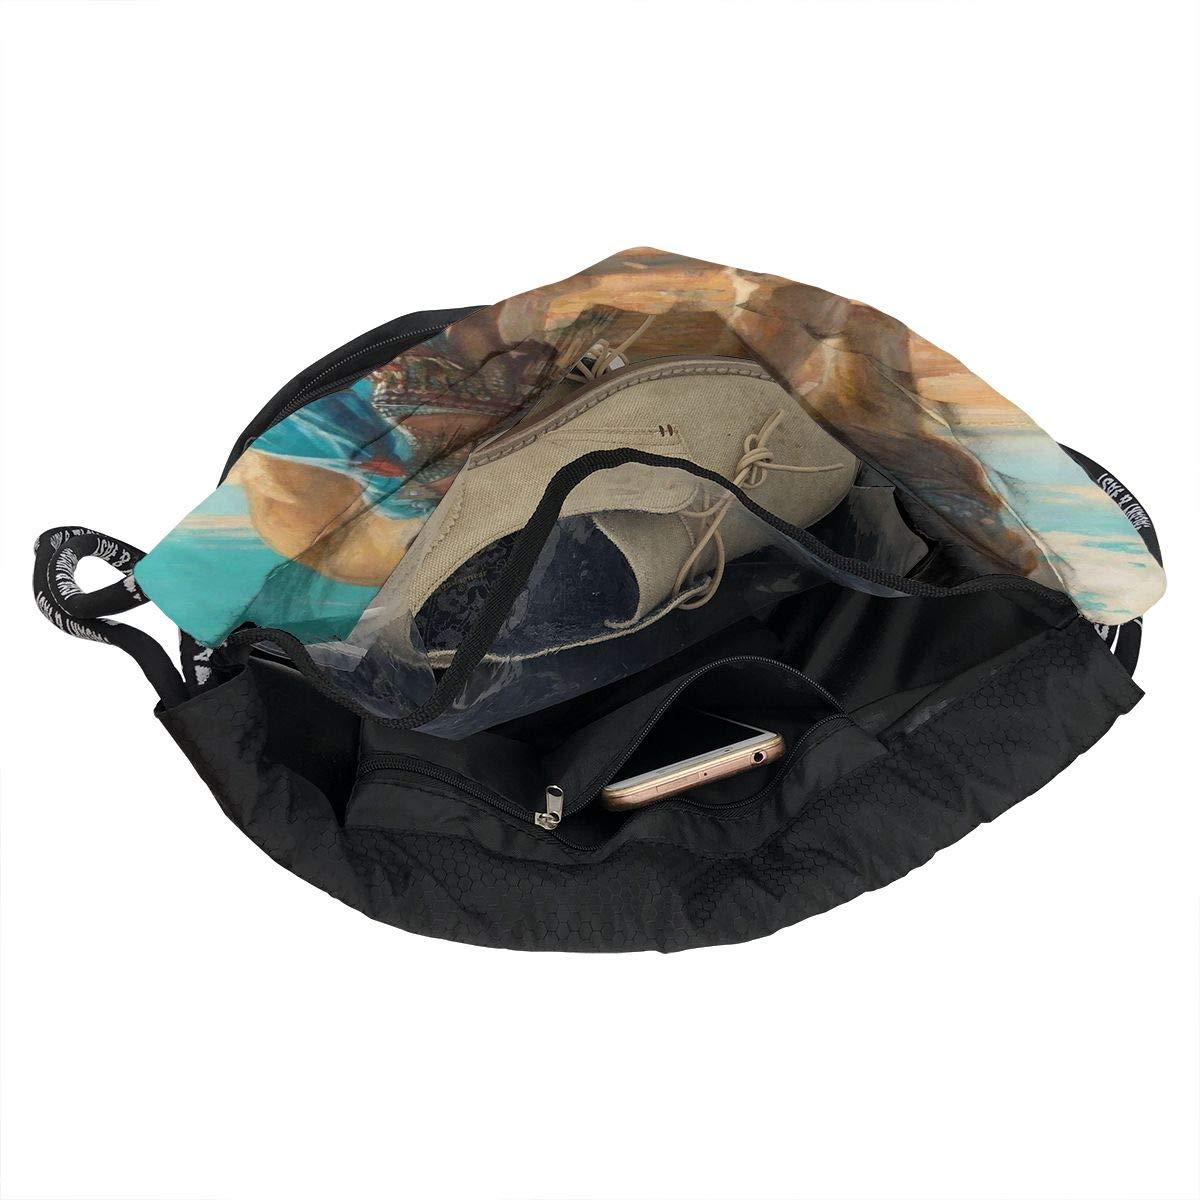 HUOPR5Q Beauty and Lion Drawstring Backpack Sport Gym Sack Shoulder Bulk Bag Dance Bag for School Travel